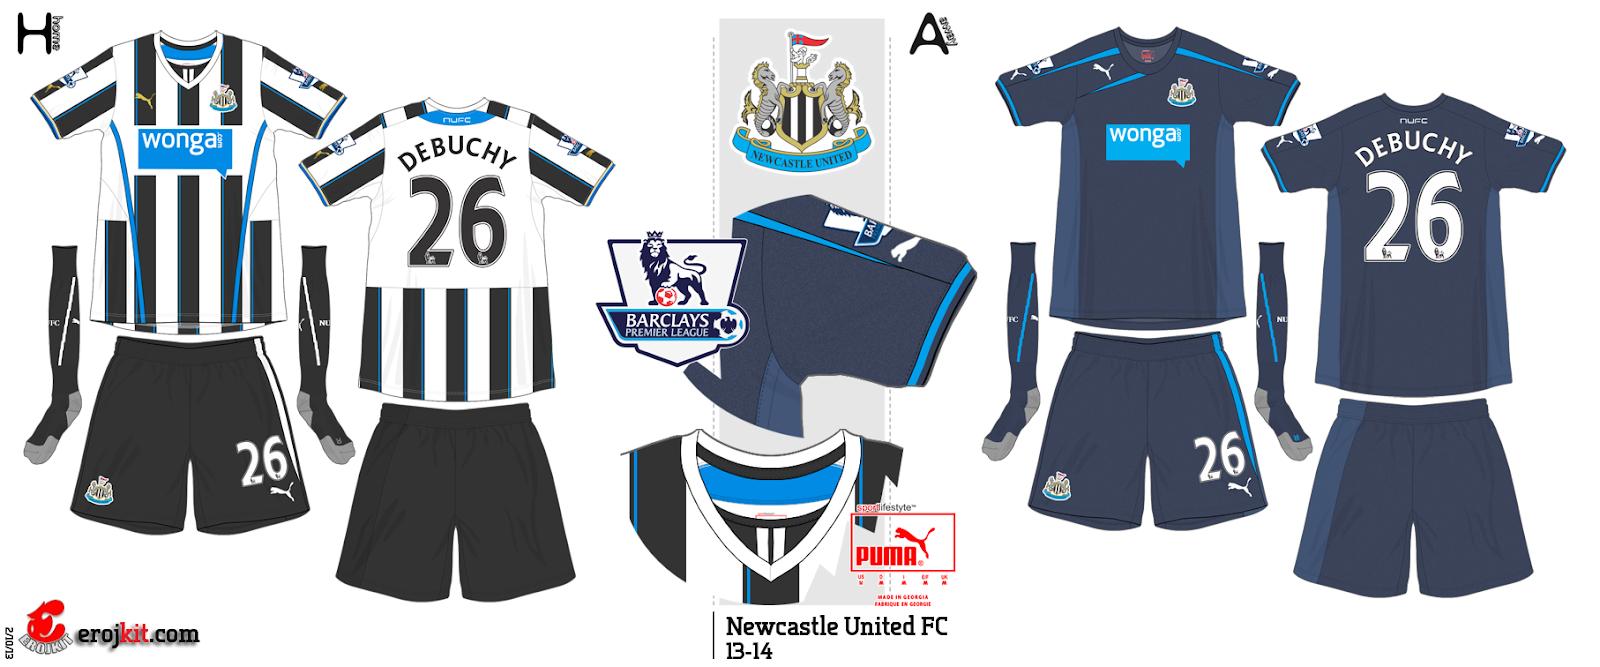 Essa camisa foi usada apenas em um amistoso contra o Braga de Portugal na  pré temporada do clube. Camisa do Newcastle United. e0212daba83ee